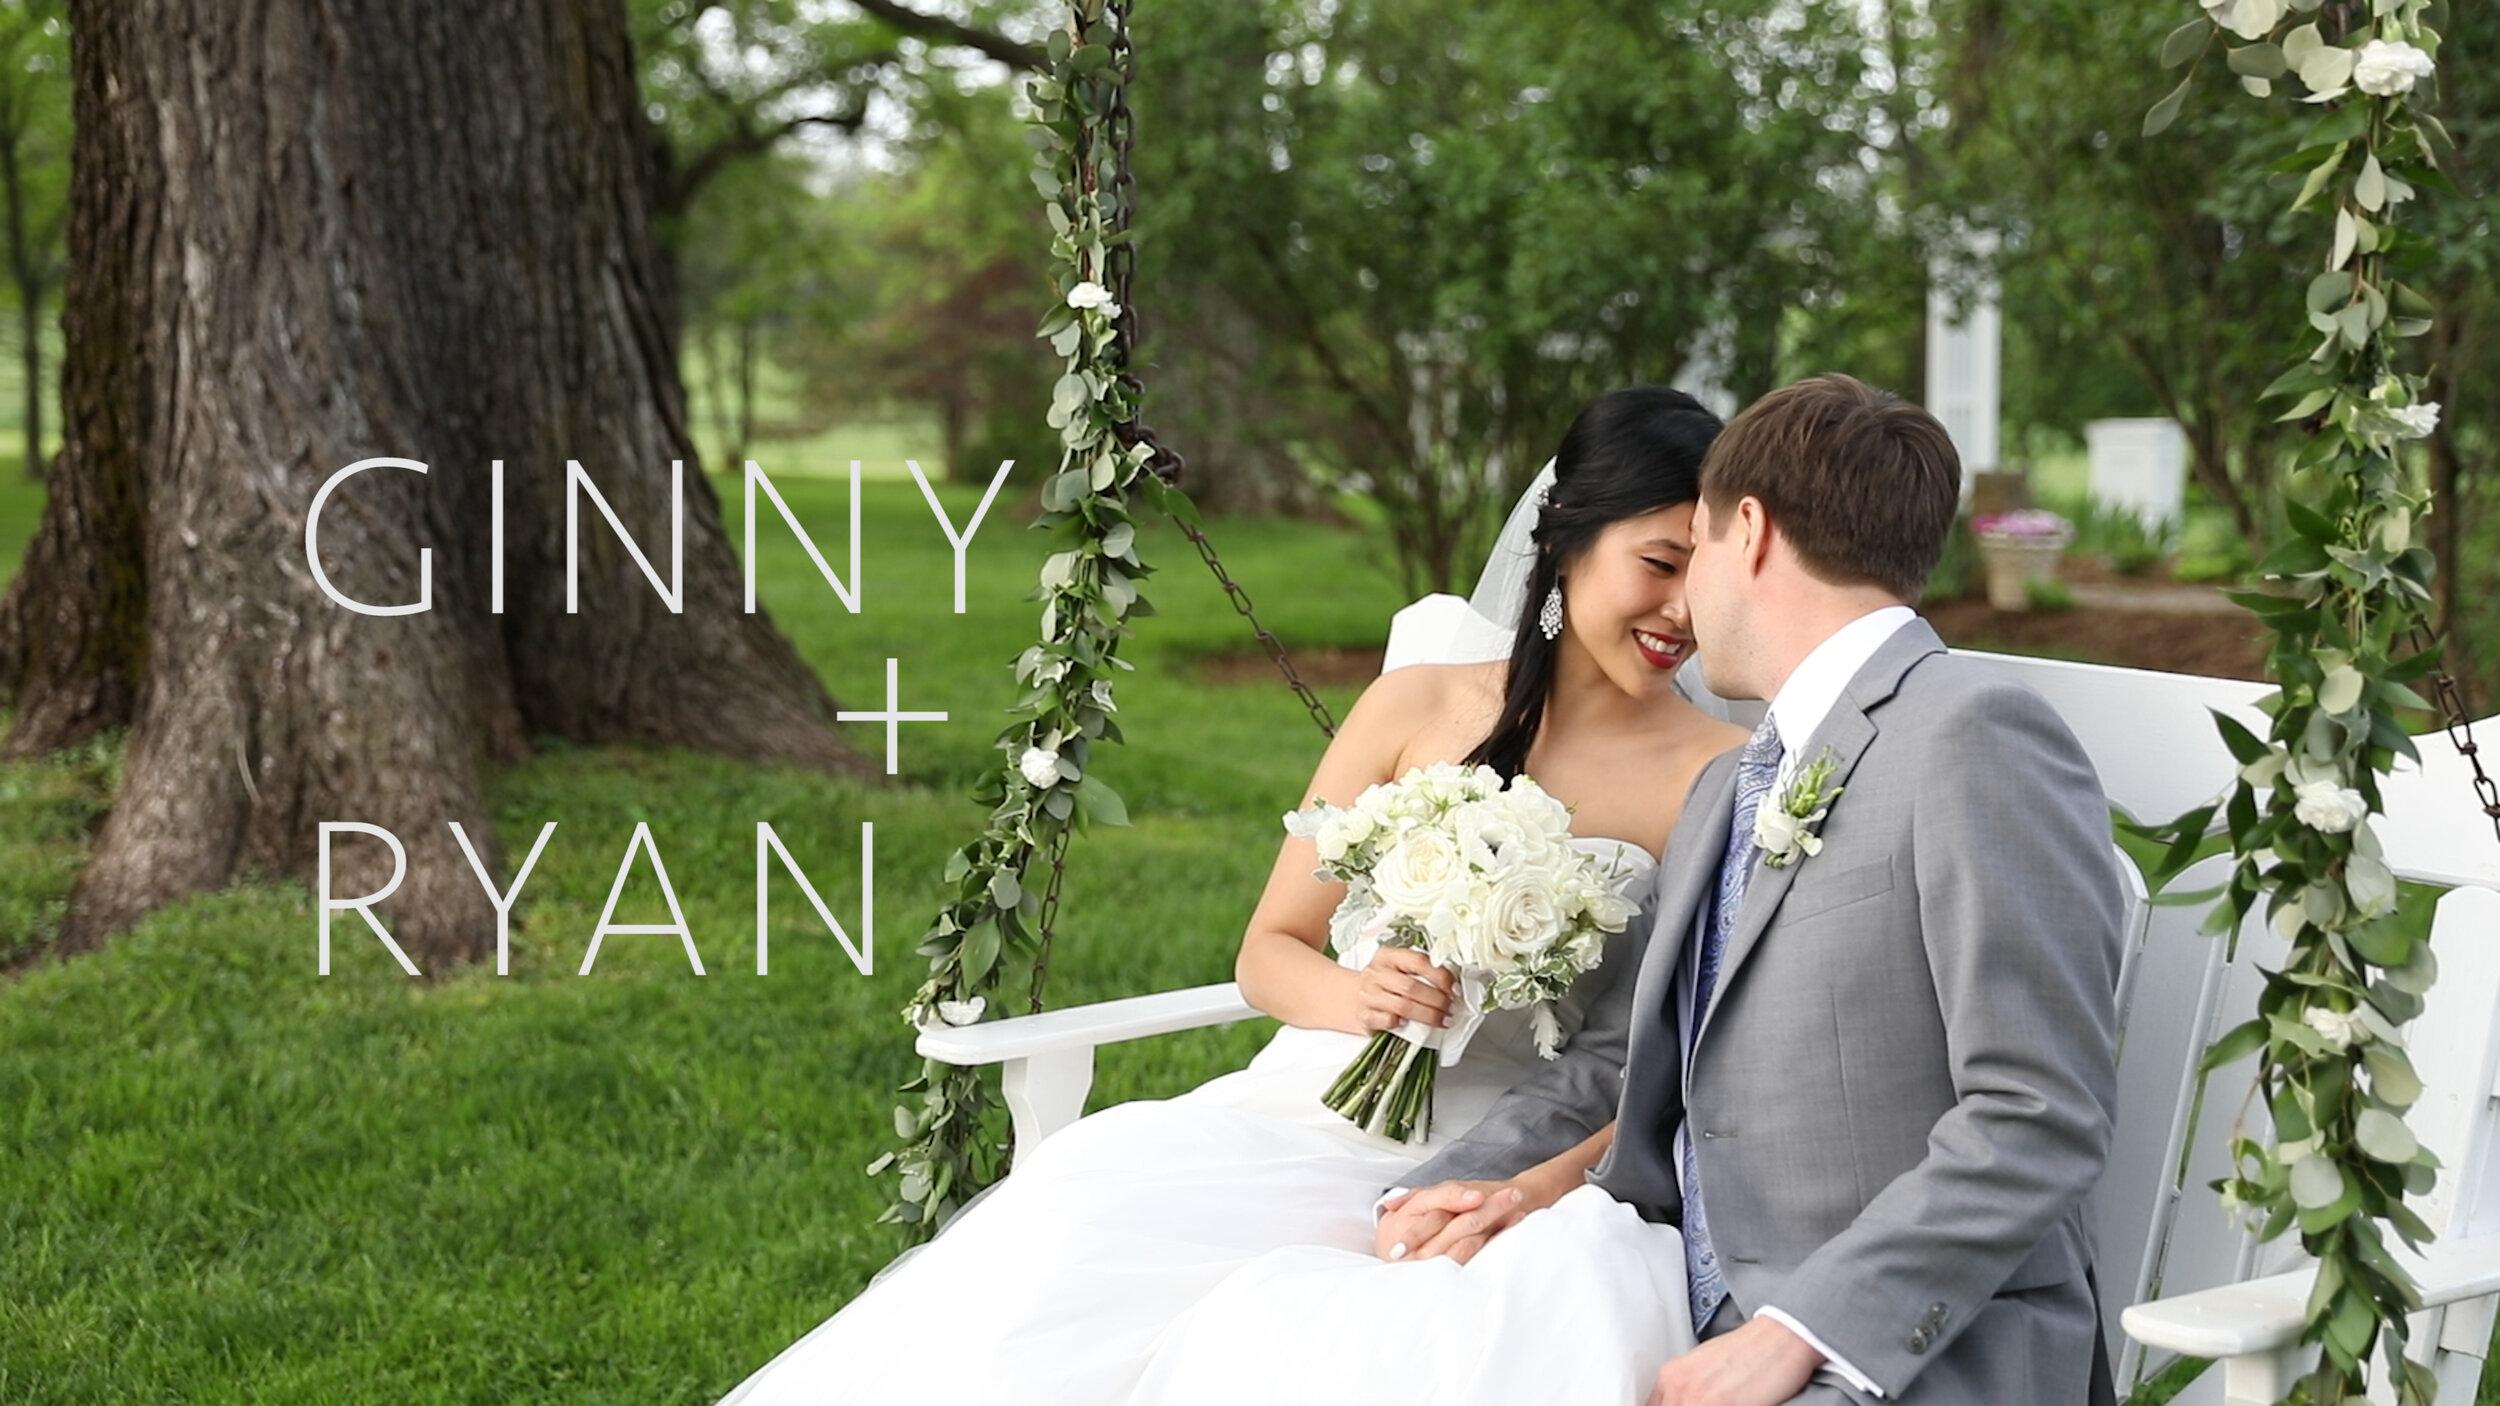 Ginny and Ryan Thumbnail Larger Text.jpg